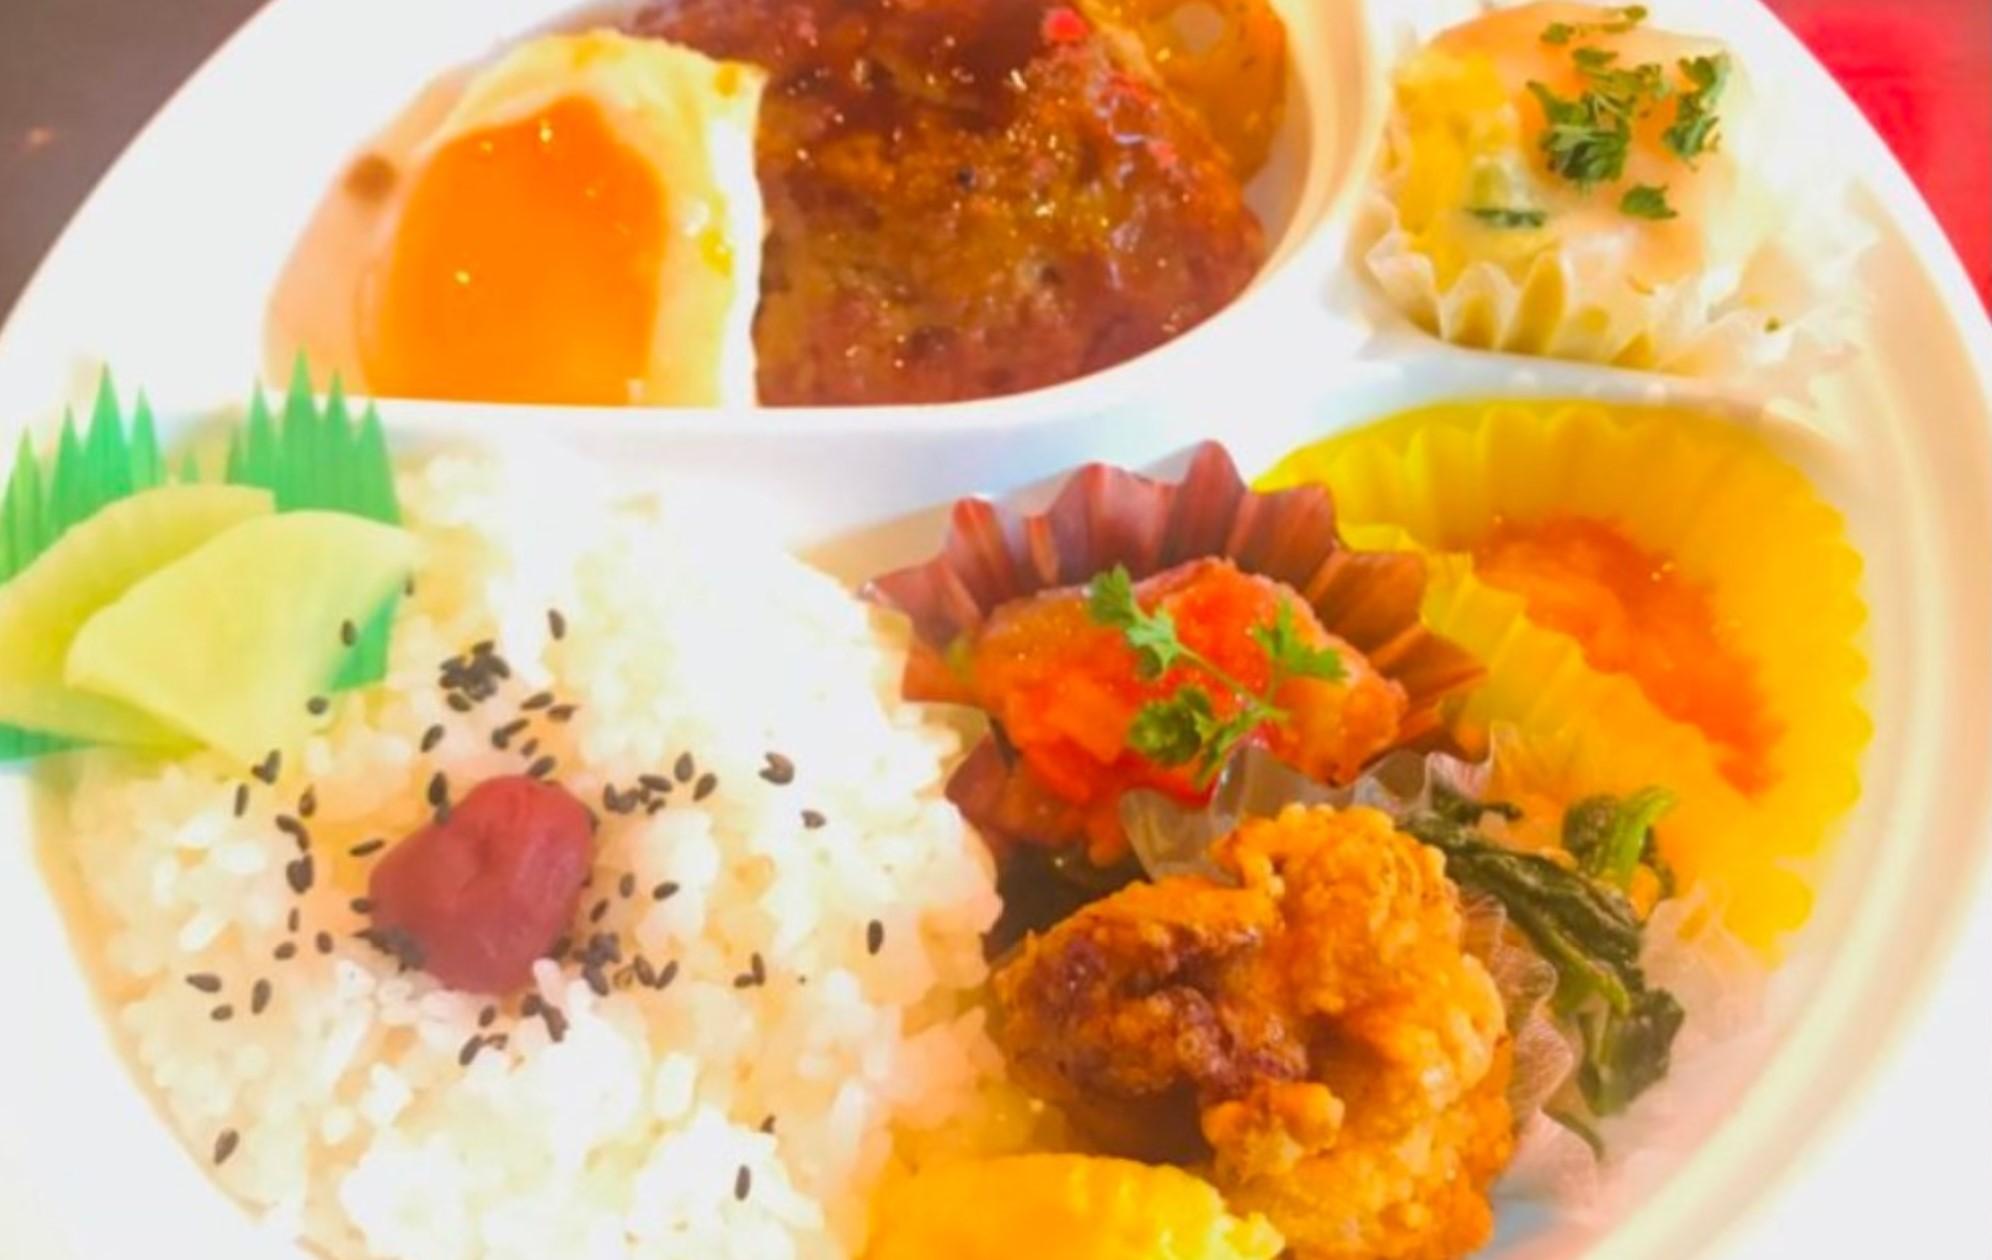 【熊本市北区植木】Kitchen明ヵ里のテイクアウト情報!素材の美味しさが楽しめる!